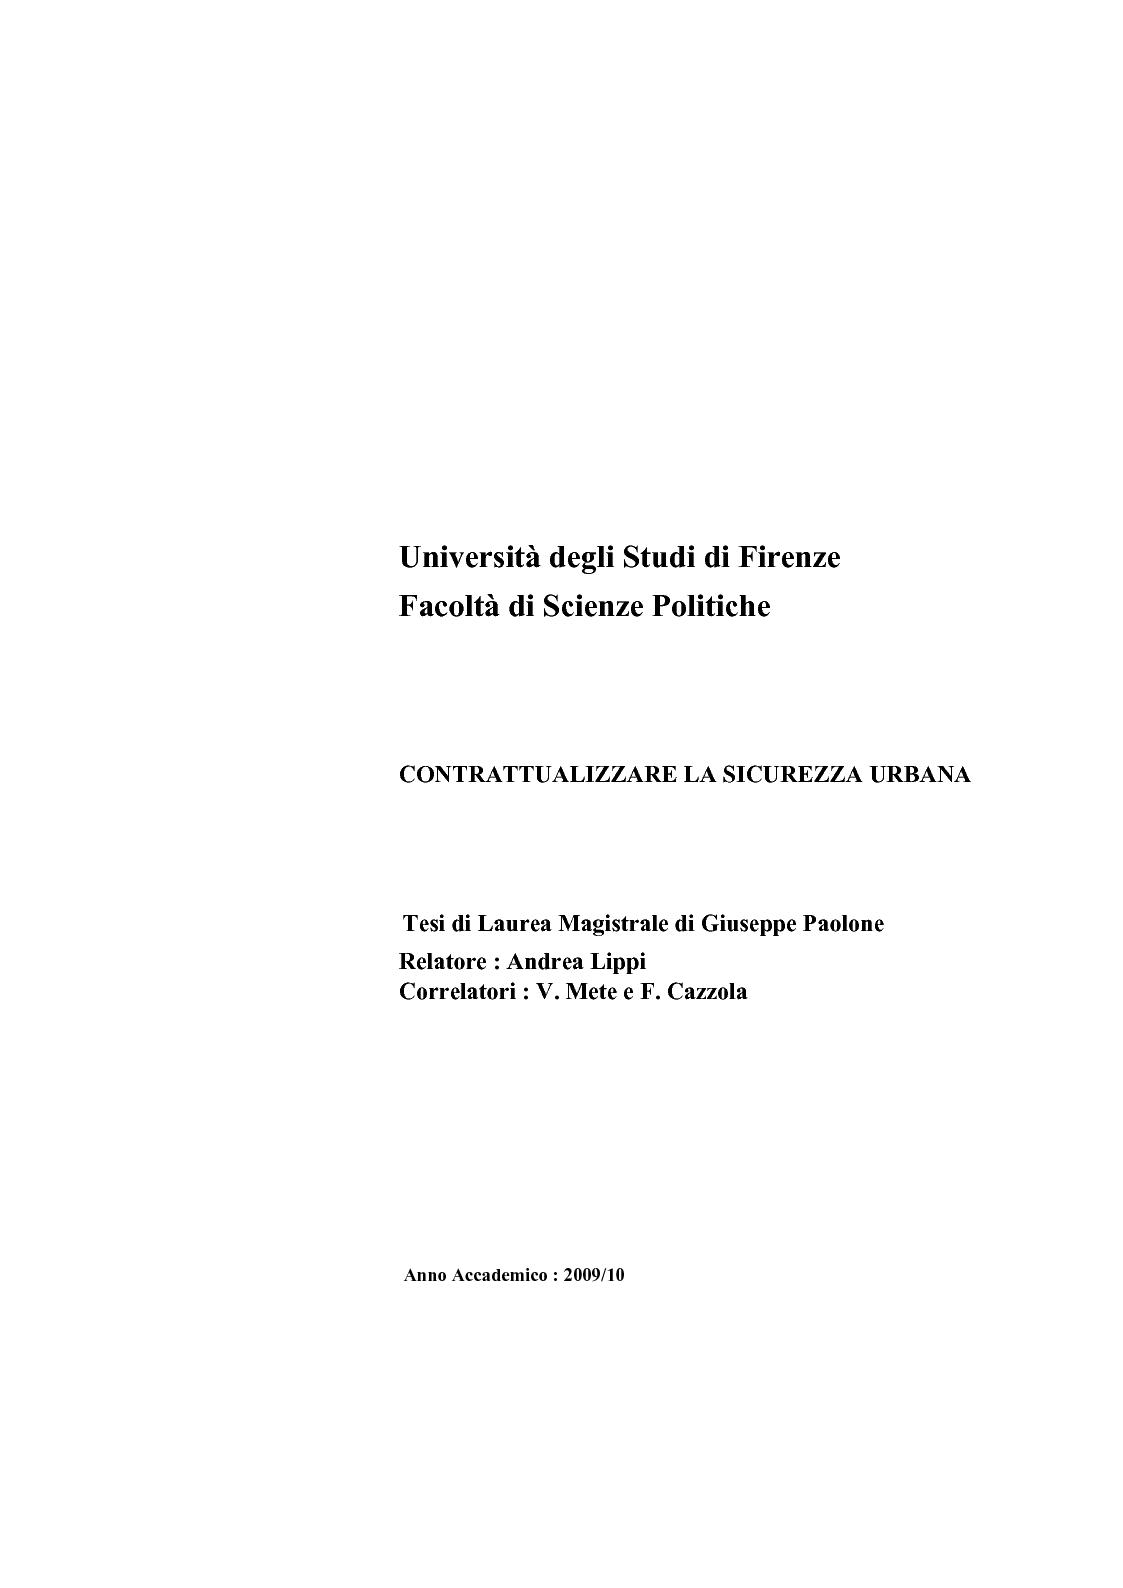 Anteprima della tesi: Contrattualizzare la sicurezza urbana, Pagina 1